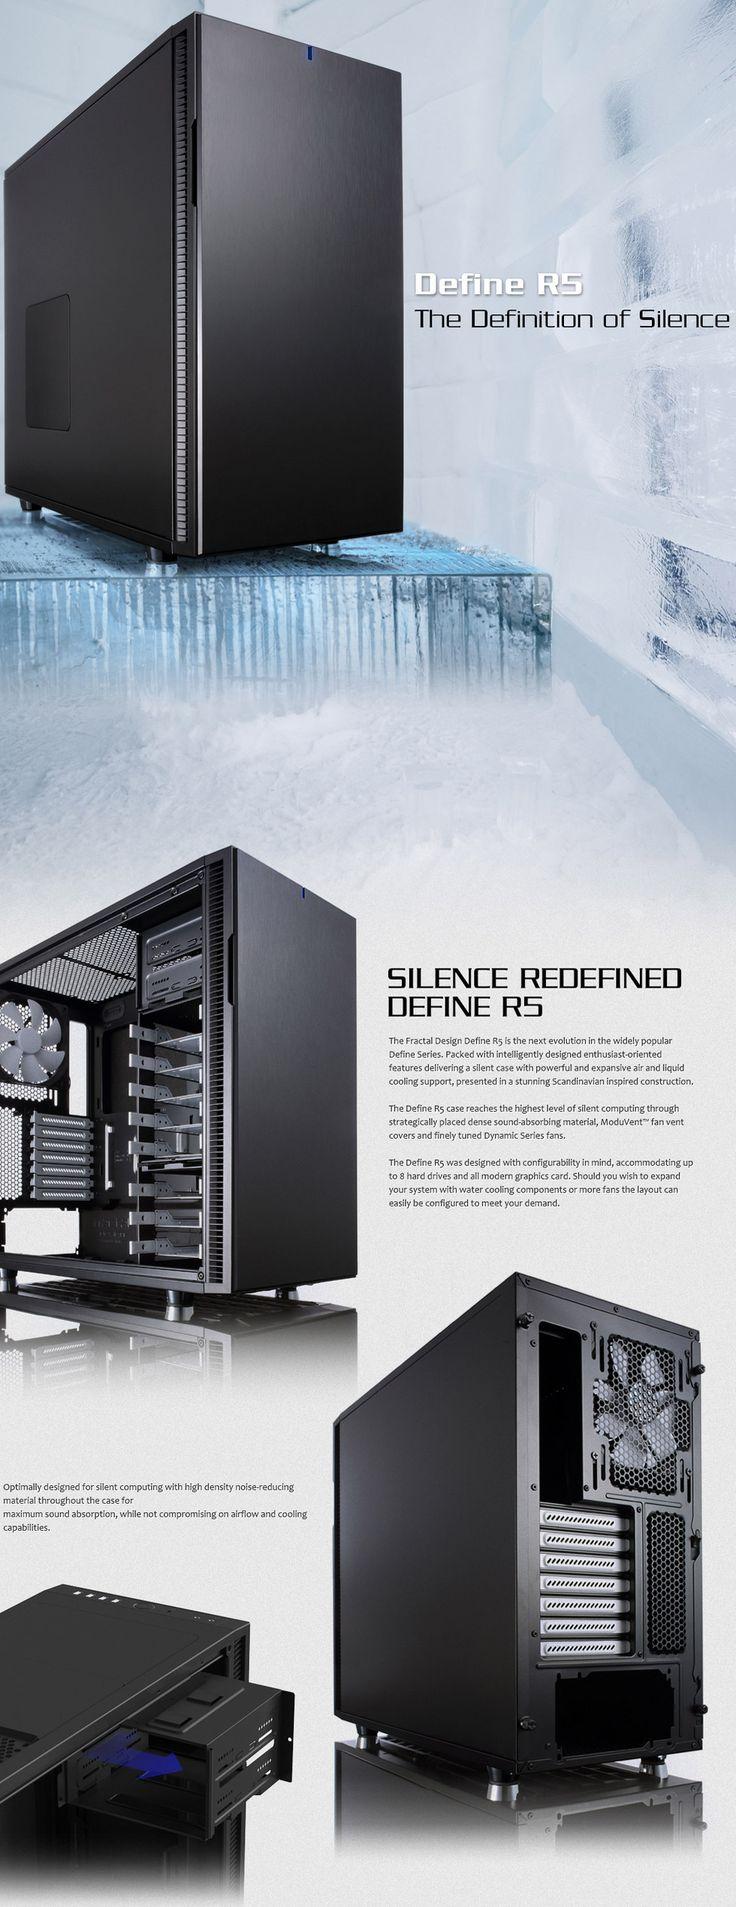 Fractal Design Define R5 Mid Tower Titanium FD CA DEFR5 TI